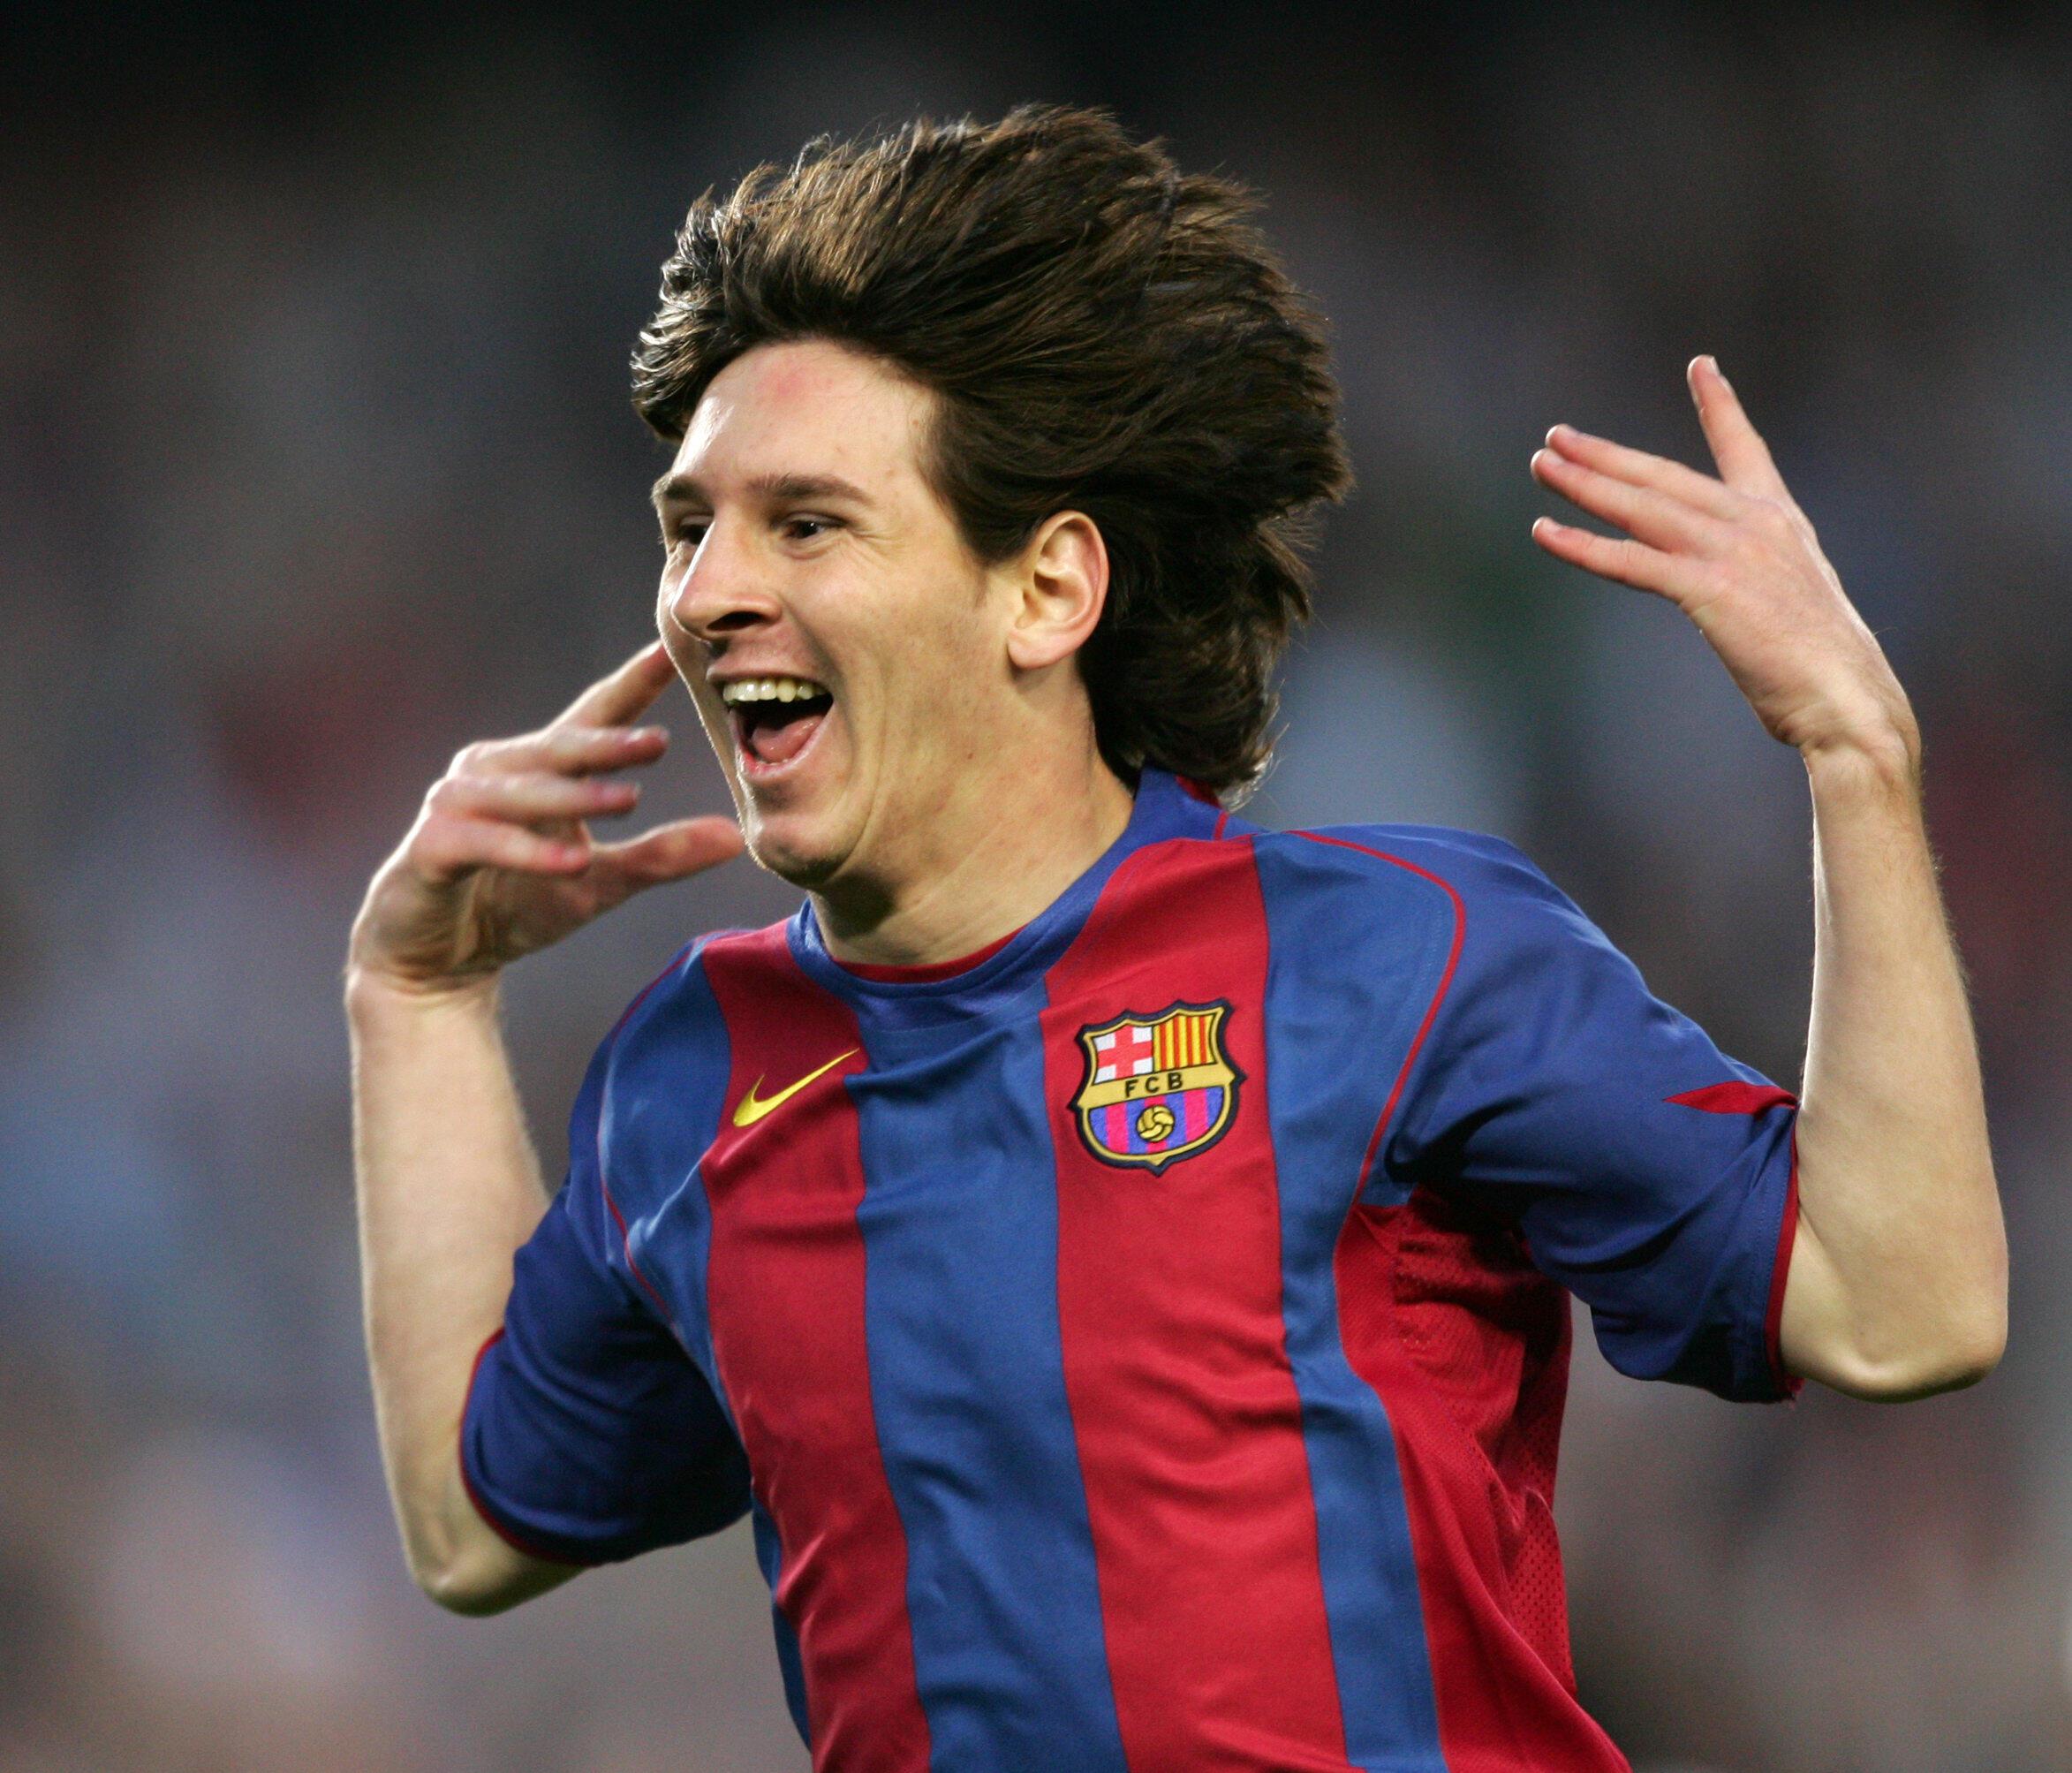 Lionel Messi célébrant son premier but avec le FC Barcelone en 2005.